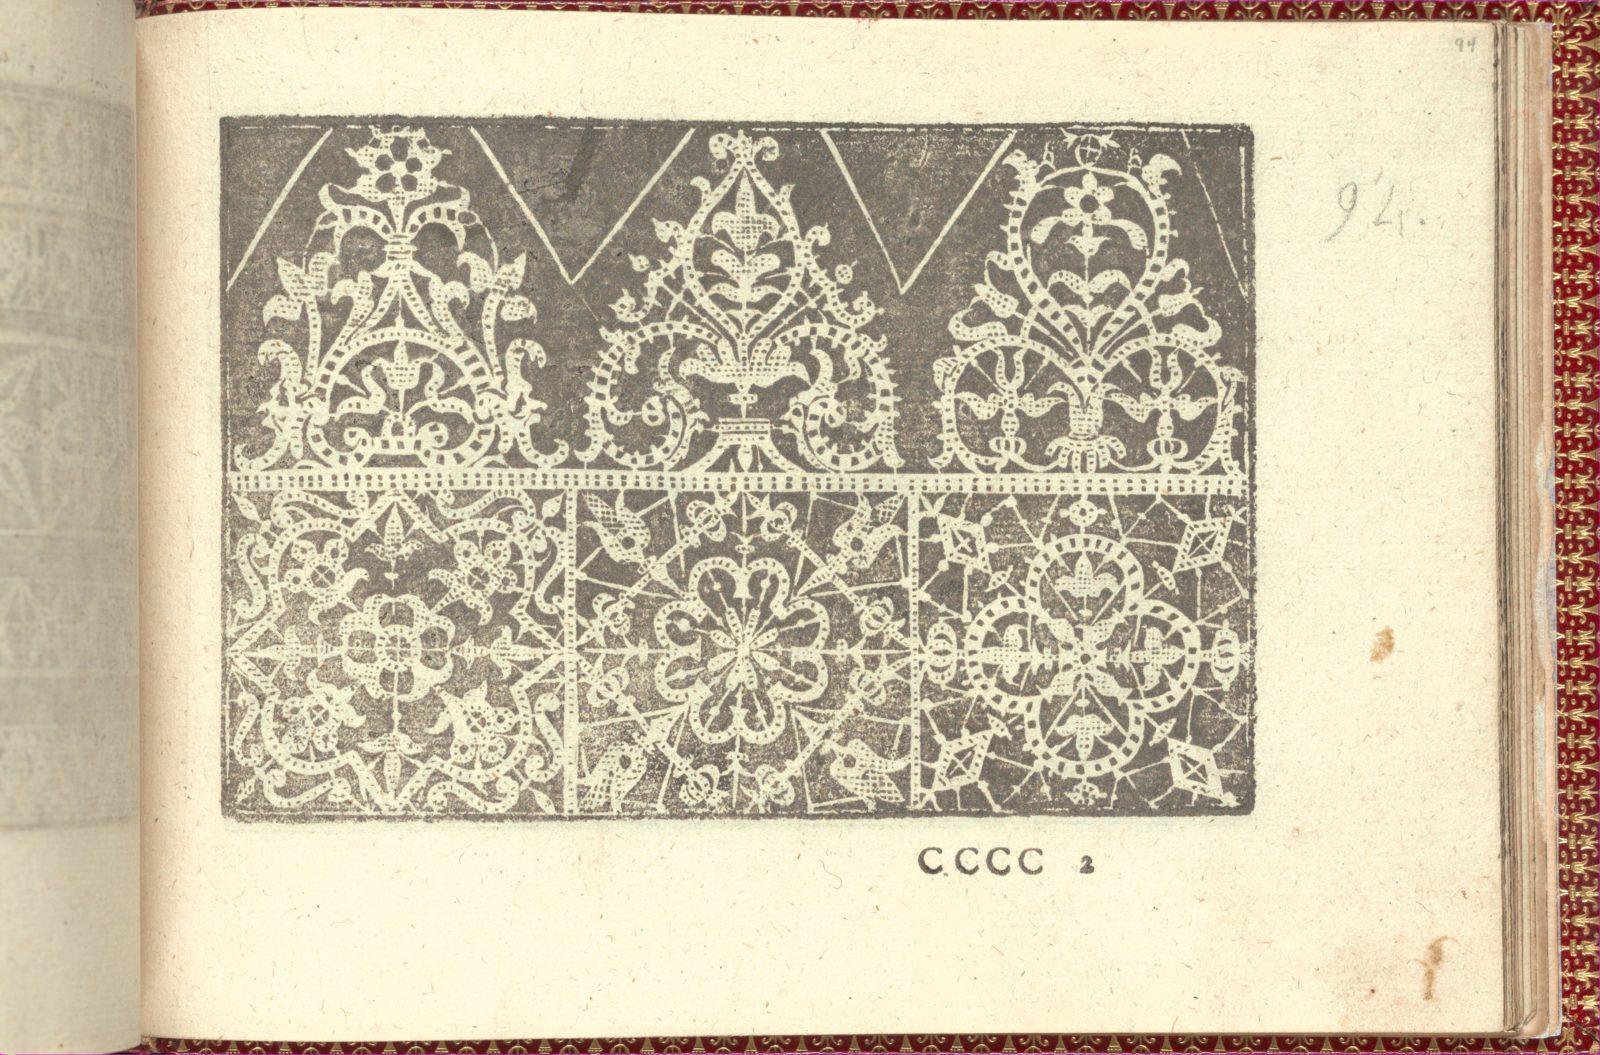 Corona delle Nobili et Virtuose Donne: Libro I-IV, page 94 (recto)